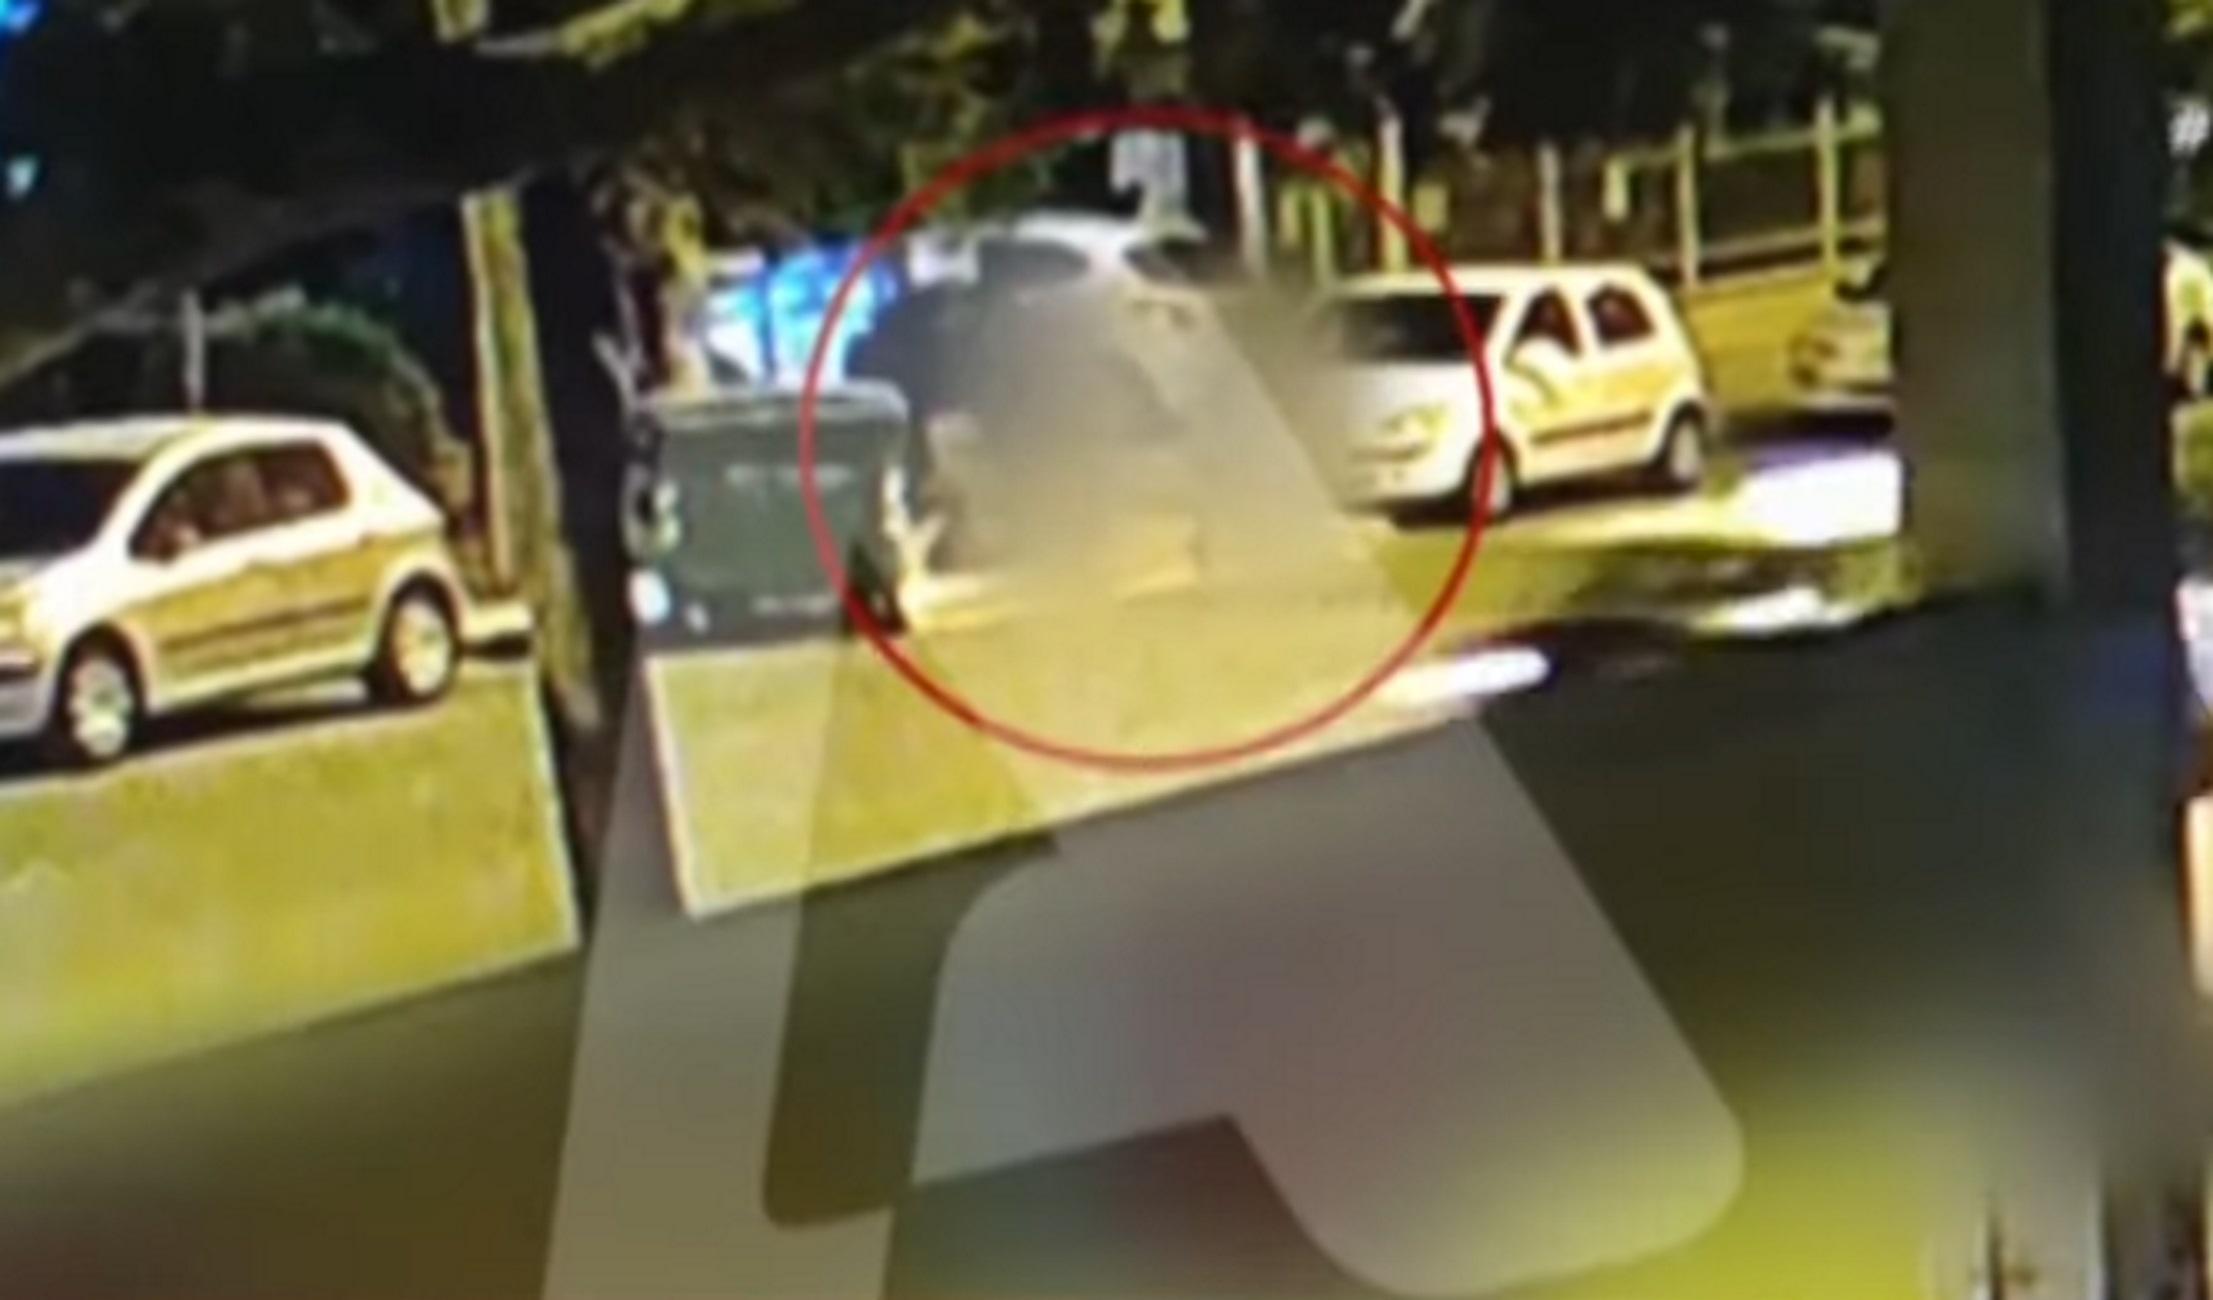 Θεσσαλονίκη: Αποκαλυπτικό βίντεο ντοκουμέντο με τον ντελιβερά που κατηγορείται για τον βιασμό 16χρονης